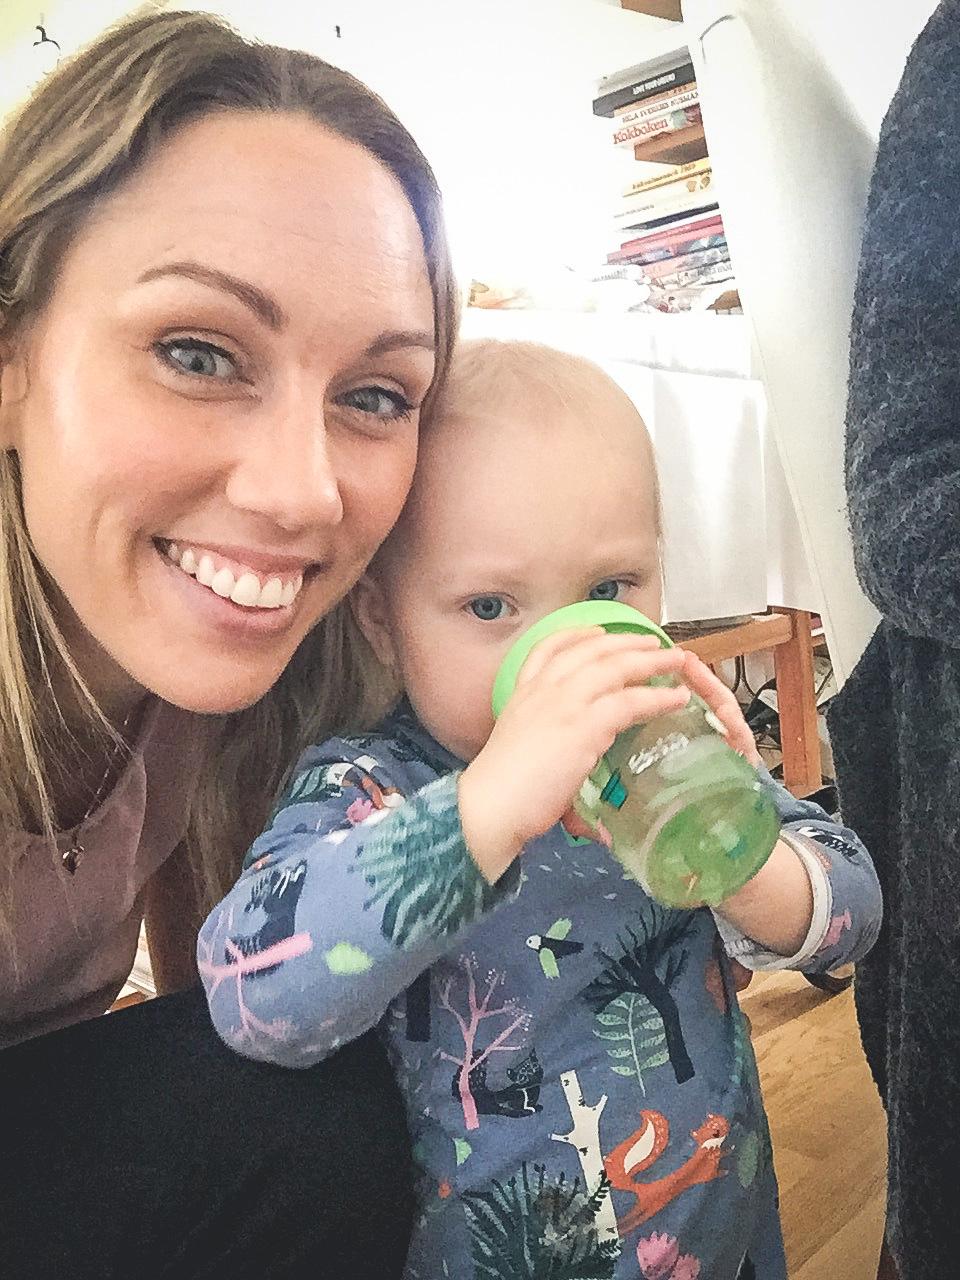 Systerdottern vill inte ta selfie med moster :(